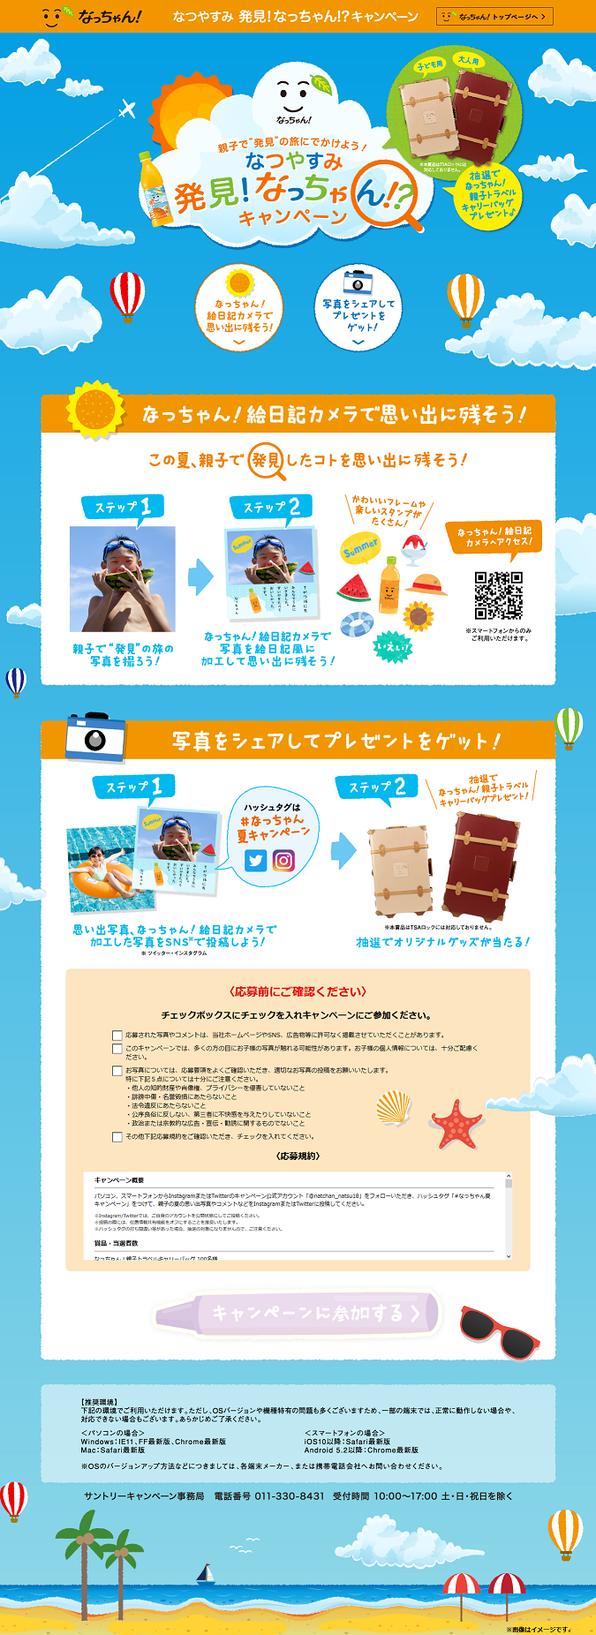 【サントリー】なっちゃん!親子トラベルキャリーバッグプレゼントキャンペーン